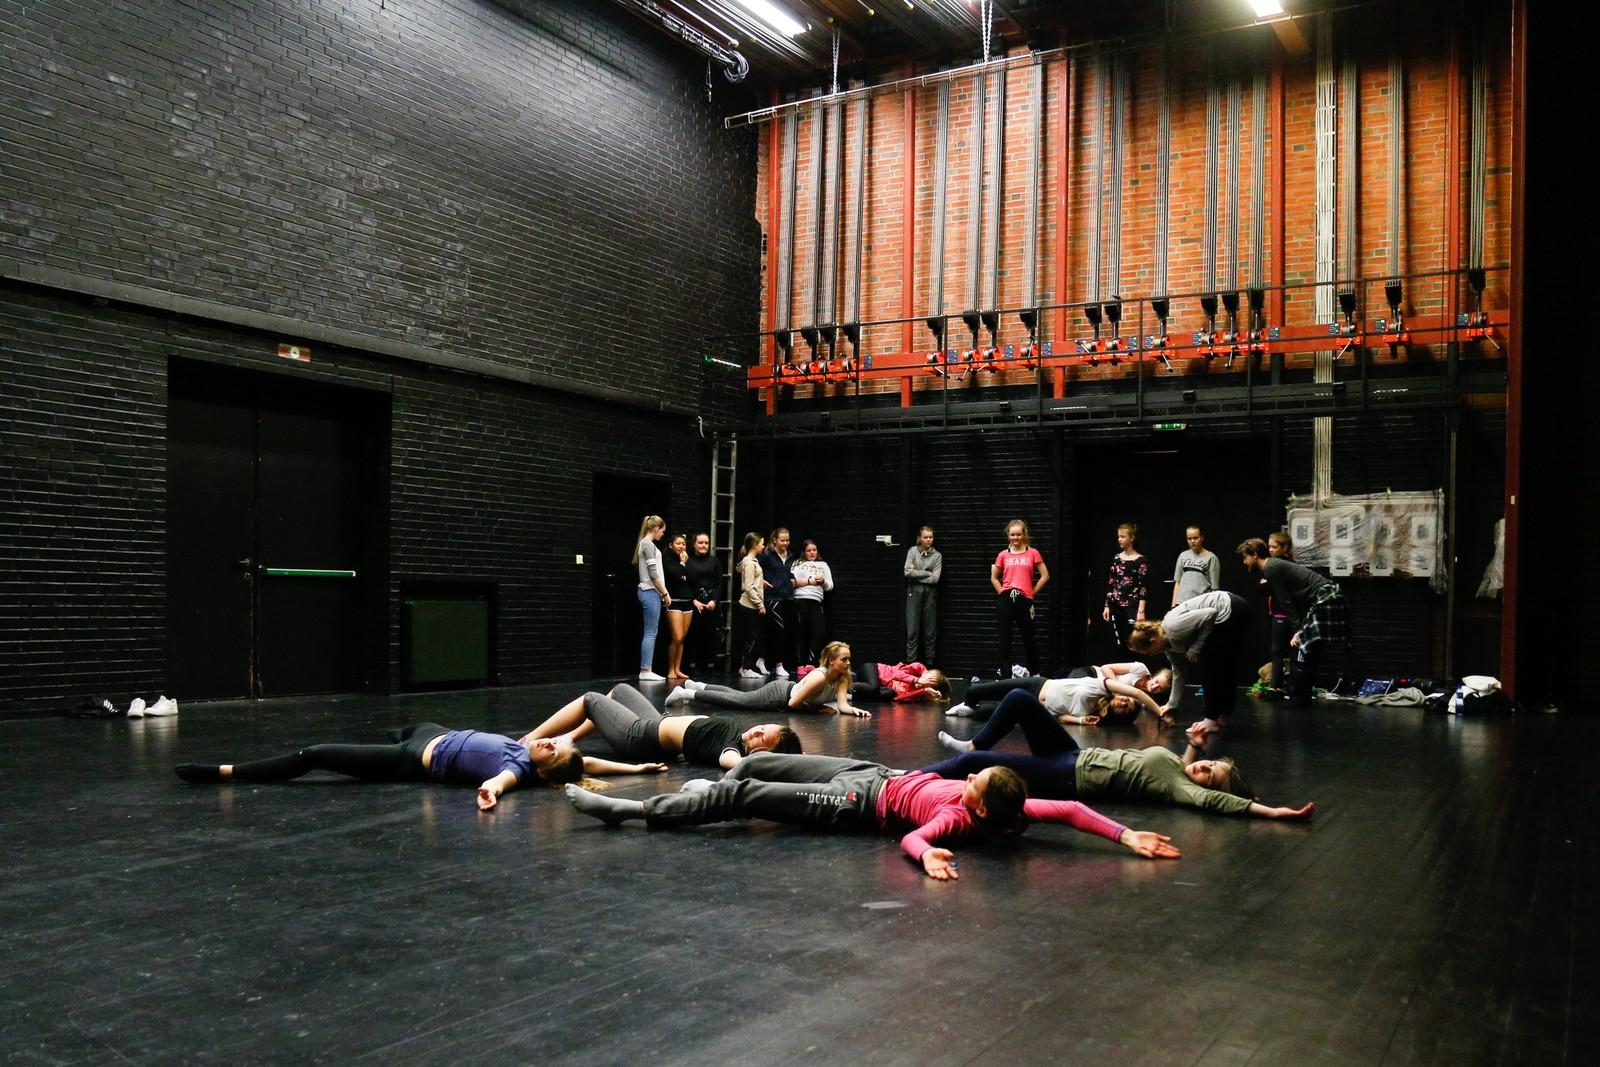 WORKSHOP: Både laurdag og søndag er det mulig å vere med på workshop i dans.